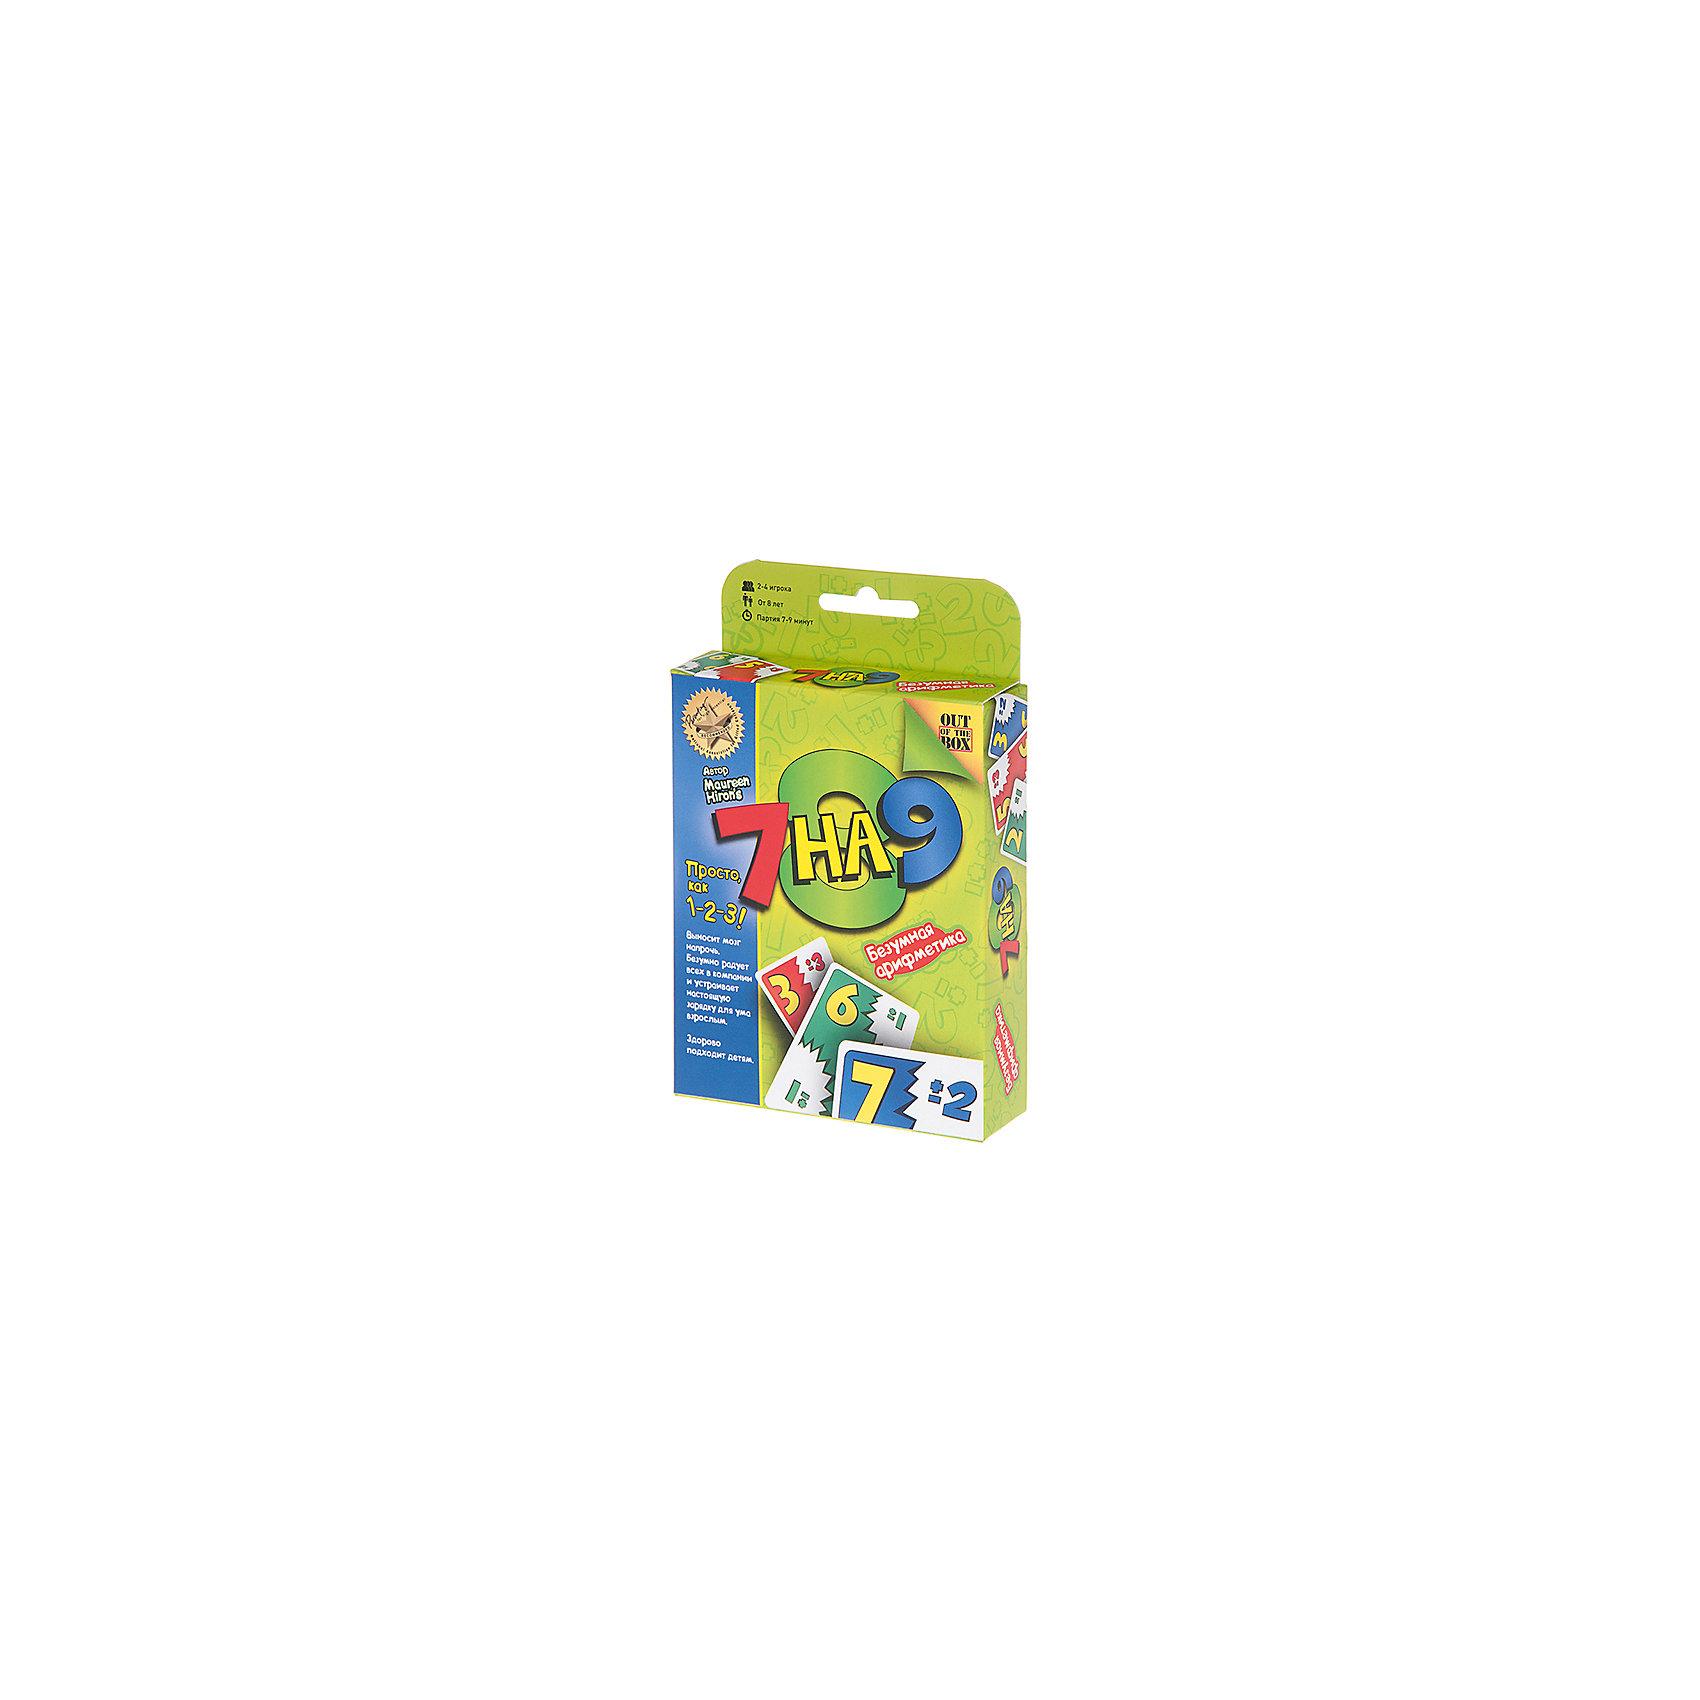 Настольная игра 7 на 9, МагелланНастольные игры для всей семьи<br>Характеристики:<br><br>• возраст: от 7 лет<br>• комплектация: 73 карты с цифрами; правила с иллюстрациями.<br>• материал: картон<br>• количество игроков: от 2 до 6 человек<br>• время игры: 7-9 минут<br>• упаковка: картонная коробка<br>• размер упаковки: 15х10х3 см.<br>• вес: 135 гр.<br><br>Настольная игра «7 на 9» – это веселая динамичная карточная игра, в которой участникам потребуется умение хорошо считать в пределах 20, внимательность и быстрота реакции.<br><br>Цель игры - первым избавиться от своих карт, выкладывая их в общую стопку по определенным правилам. На входящих в состав картах написана цифра и еще одна маленькая цифра в углах. Маленькая цифра - это модификатор, ее нужно прибавить или отнять от основной цифры, чтобы получить номинал карты, которую можно положить сверху на эту карту.<br><br>Например, наверху стопки лежит карта с цифрой «5» и «3» углах. Значит, на эту карту можно выложить либо 2, либо 8. В игре нет очередности ходов, все играют одновременно. Перед началом игры карты раздаются игрокам. Одна карта выкладывается в центре стола. Теперь нужно постараться опередить соперников и быстрее них выложить сверху новую карту. Как только новая карта выкладывается в центральную стопку, игрокам приходится искать среди своих карт карту уже с новым значением.<br><br>Игра «7 на 9» будет интересна не только детям, которые тренируют устный счет, но и взрослым, которым полезно иногда взбодриться и «перезагрузить» мозг. Игра компактная, не занимает много места при перевозке, поэтому ее удобно брать с собой в дорогу.<br><br>Настольную игру 7 на 9, Магеллан можно купить в нашем интернет-магазине.<br><br>Ширина мм: 150<br>Глубина мм: 100<br>Высота мм: 30<br>Вес г: 135<br>Возраст от месяцев: 84<br>Возраст до месяцев: 2147483647<br>Пол: Унисекс<br>Возраст: Детский<br>SKU: 7036609